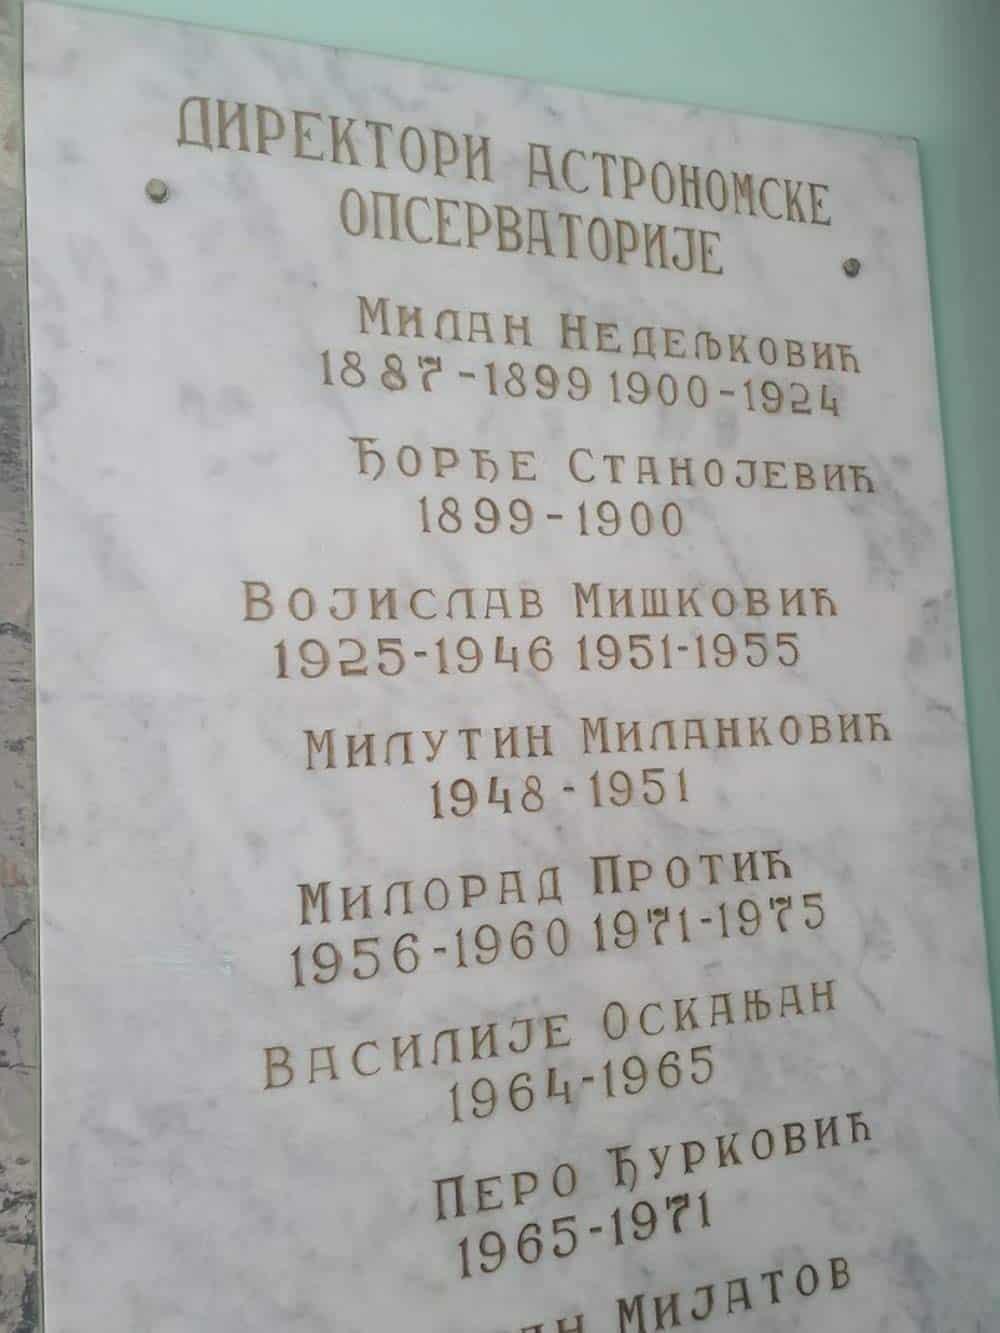 Istorija: Tabla sa imenima upravnika opservatorije